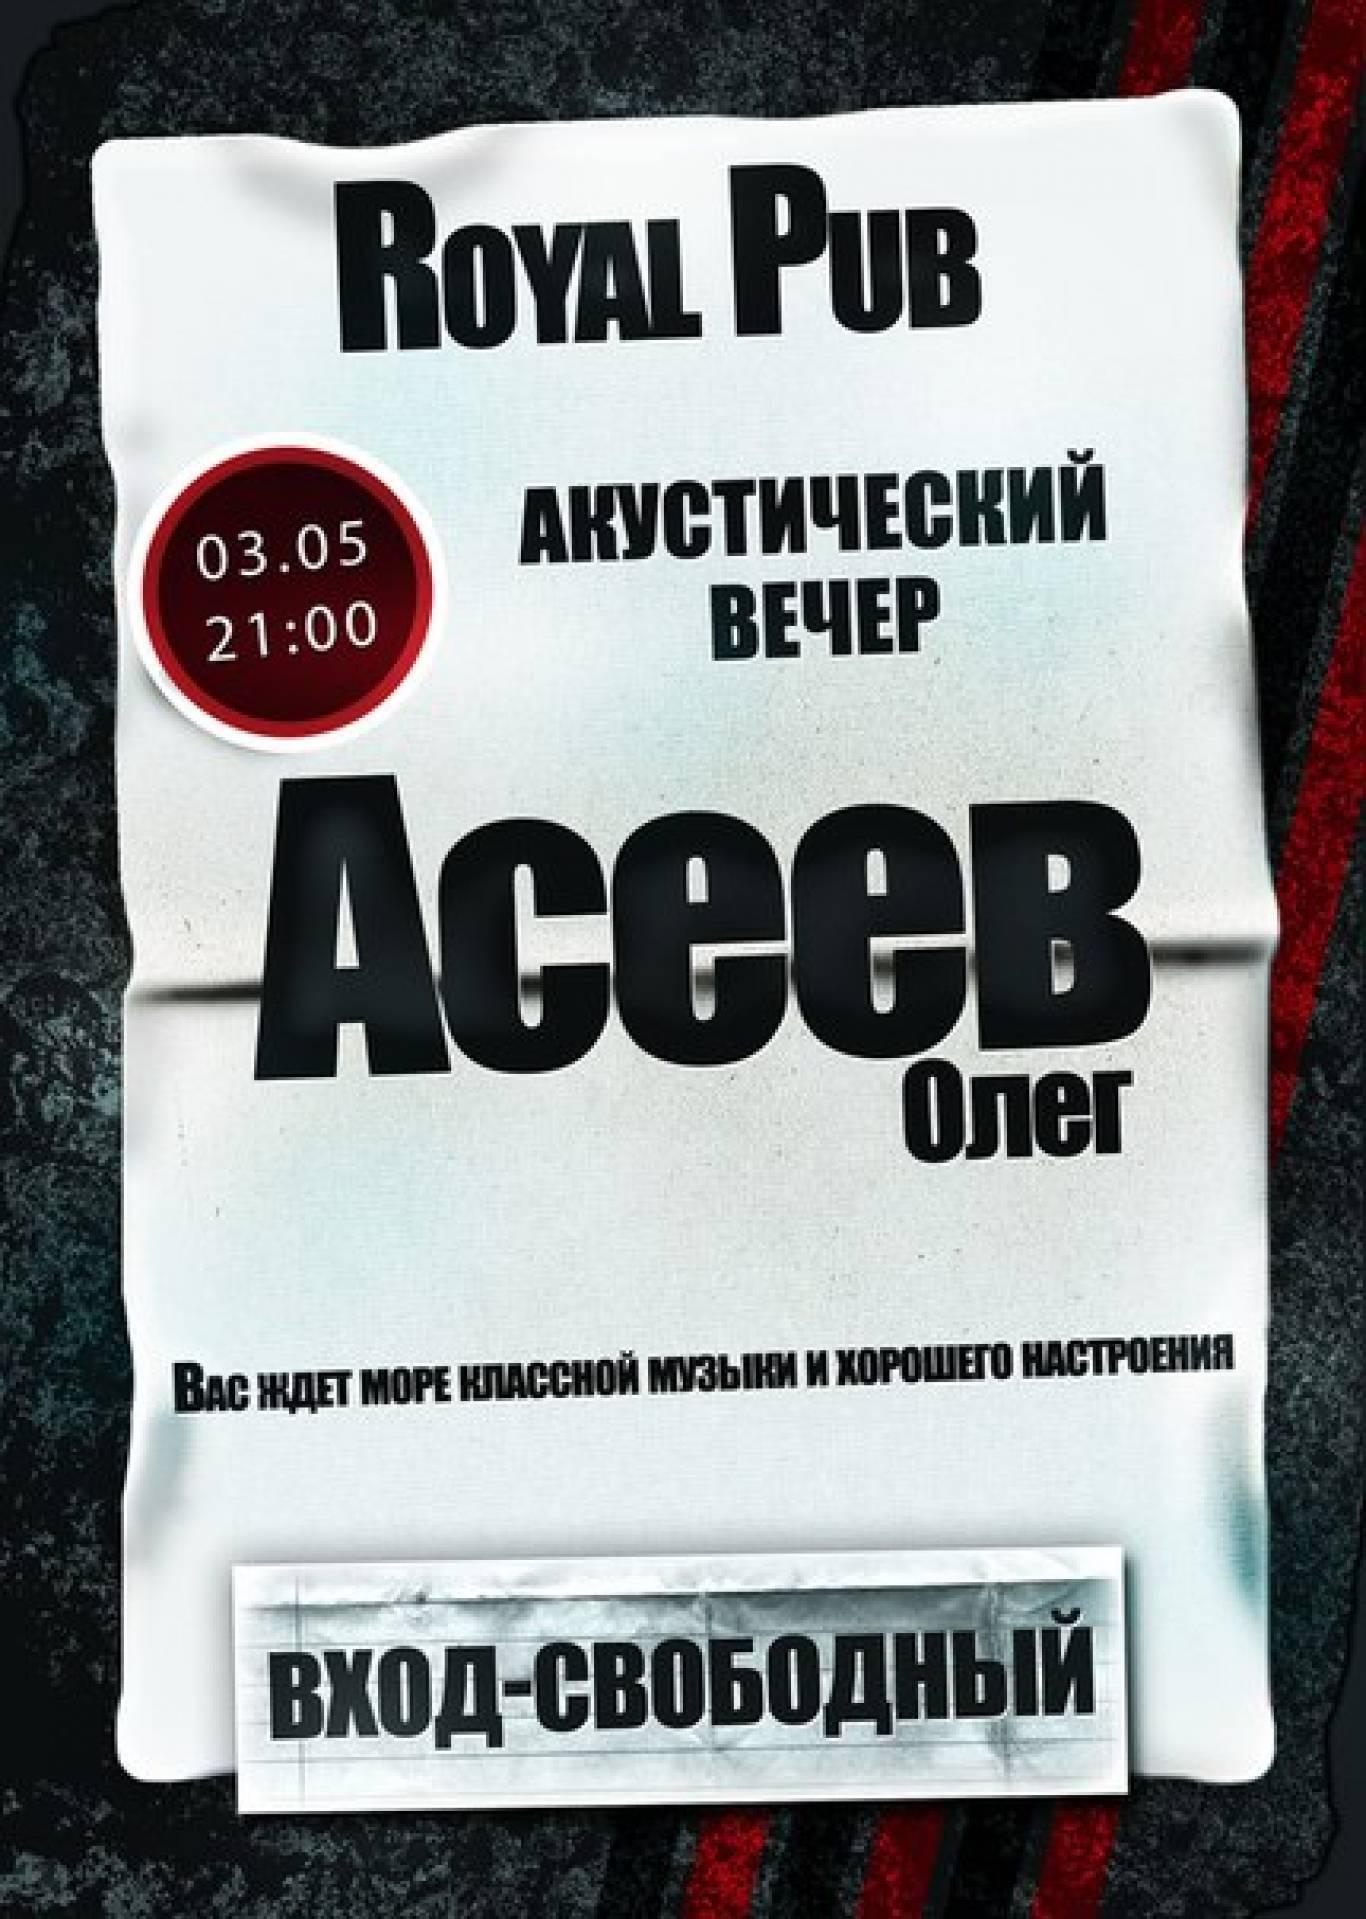 Акустичний вечір разом з Олегом Асеєвим